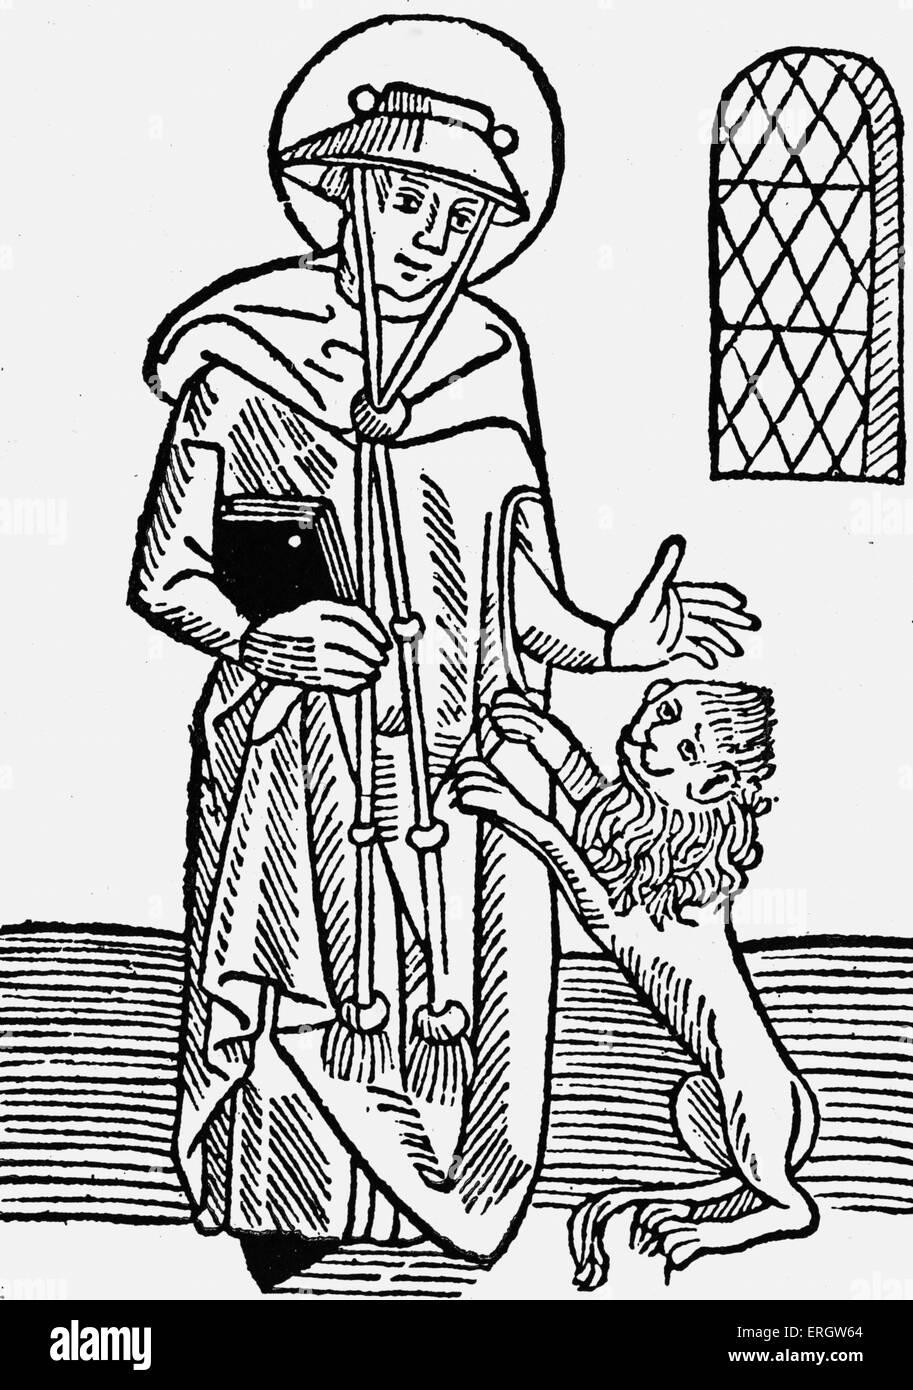 'Golden Legend' collection of hagiographies (lives of saints) by Jacobus de Voragine, 1483.  Caption reads: - Stock Image